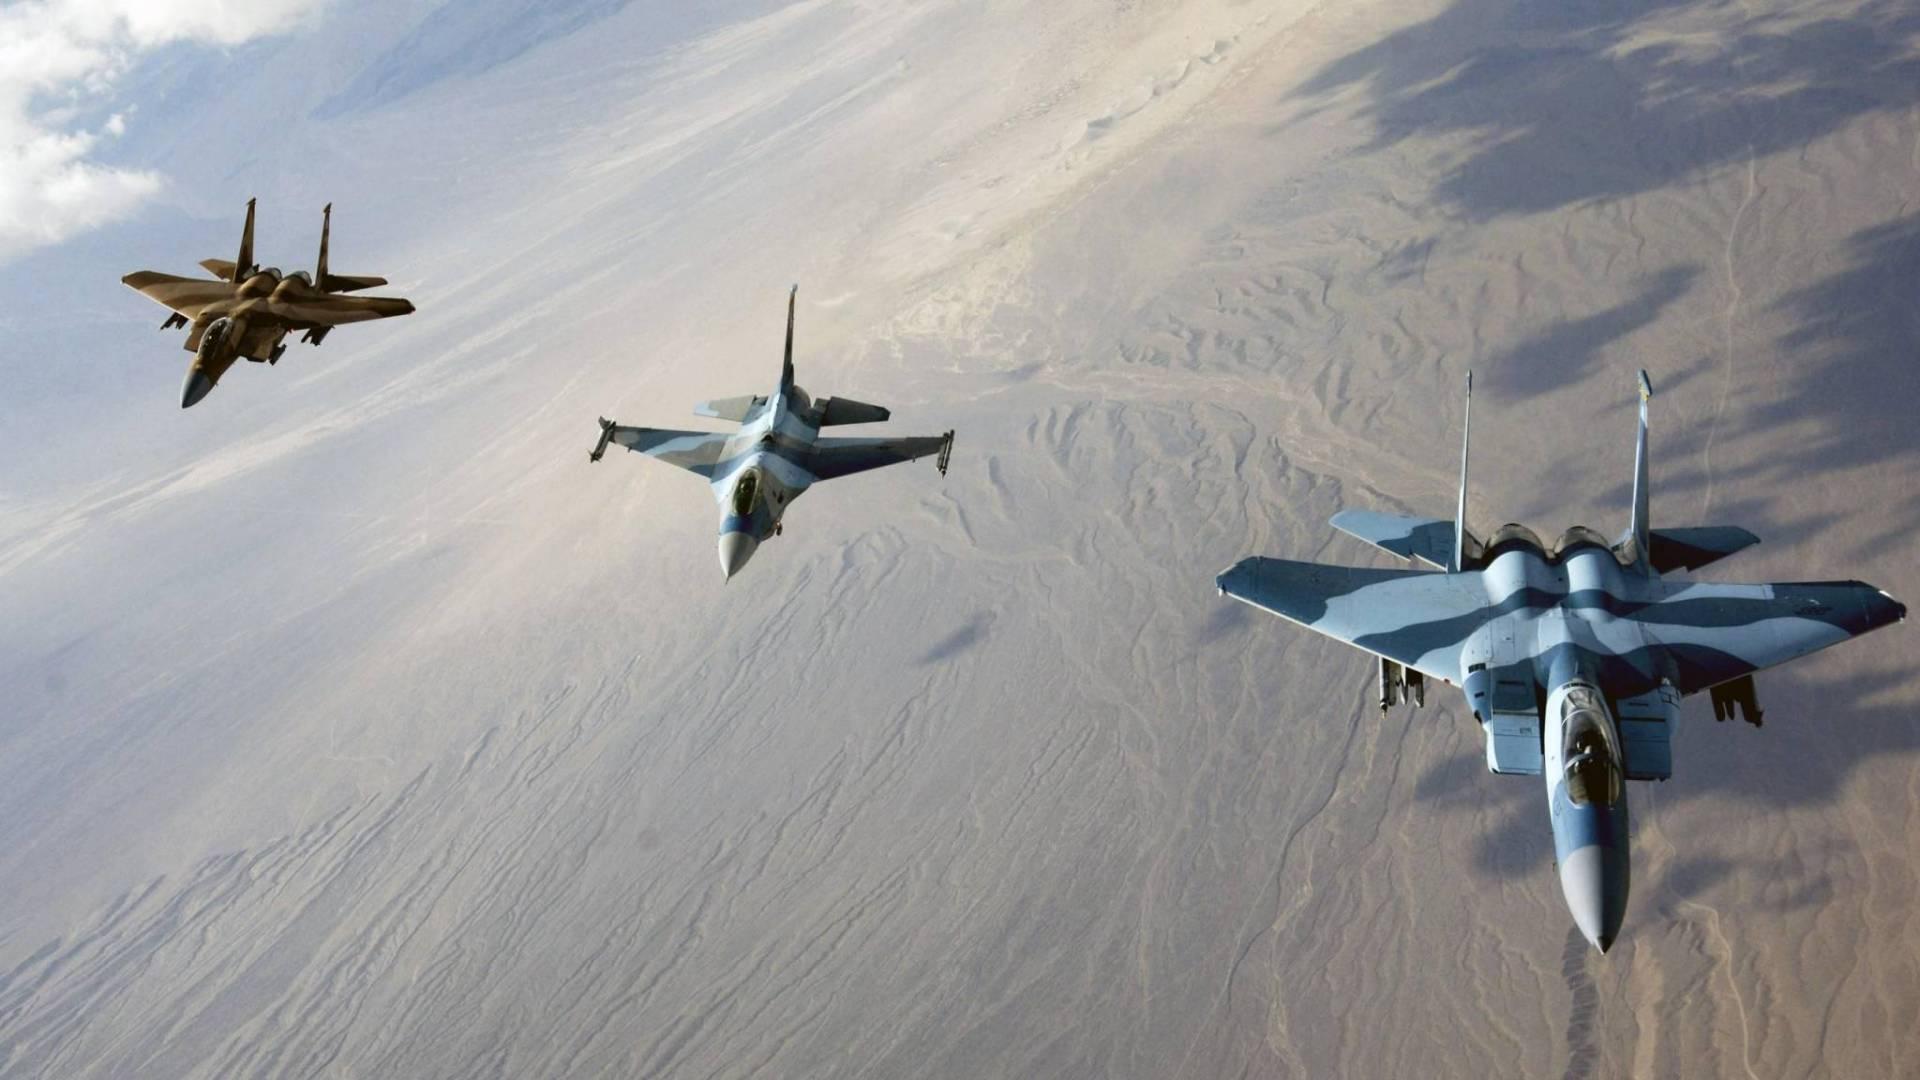 تركيا تعلن اصابة 181 هدفا لقوات سوريا الديمقراطية